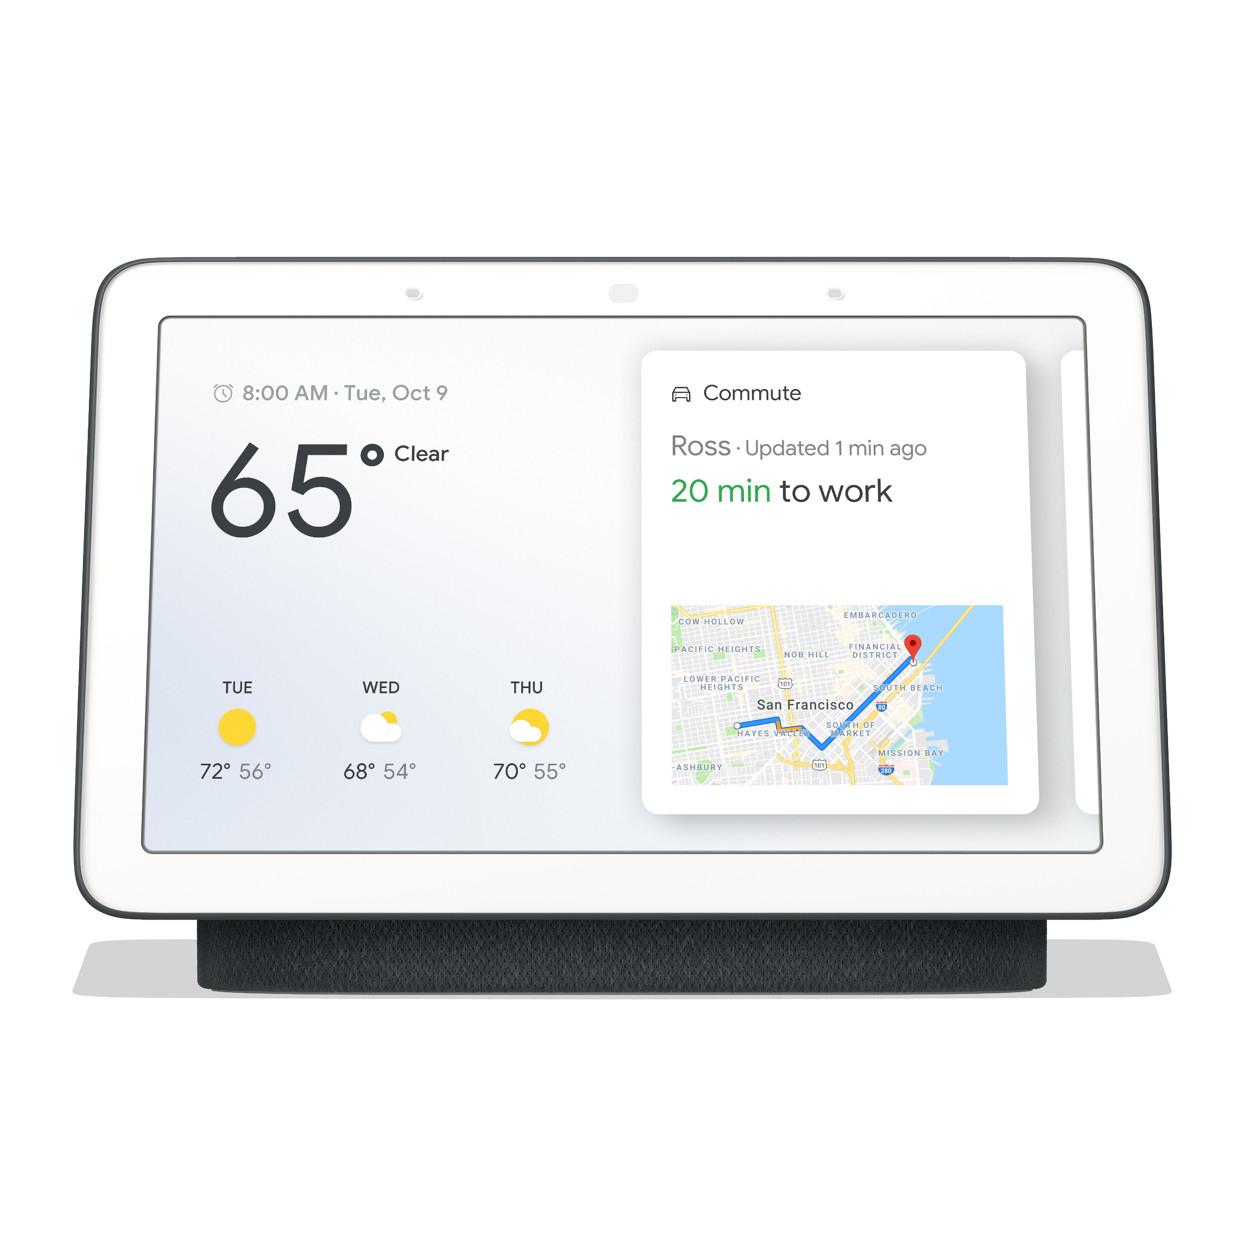 Enceinte connectée Google Nest Hub offerte pour la pré-commande d'un smartphone Google Pixel 4 ou Pixel 4 XL